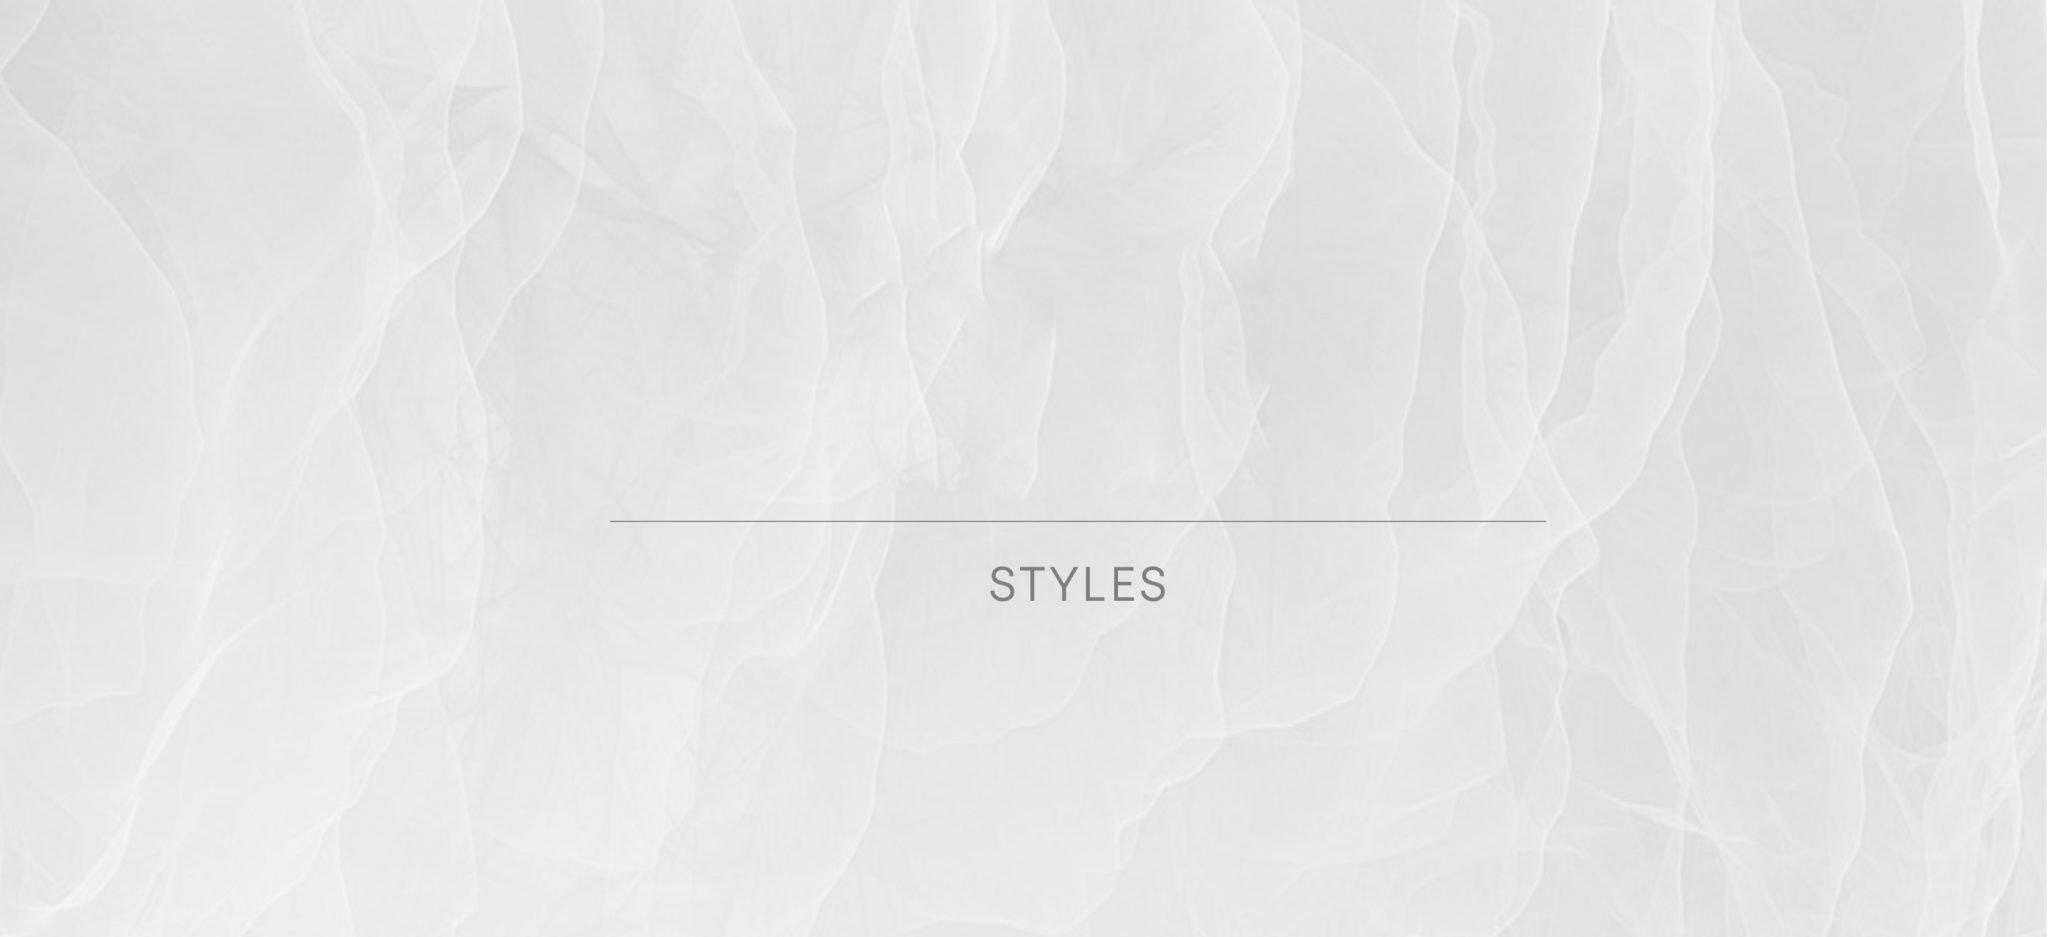 lobo styles